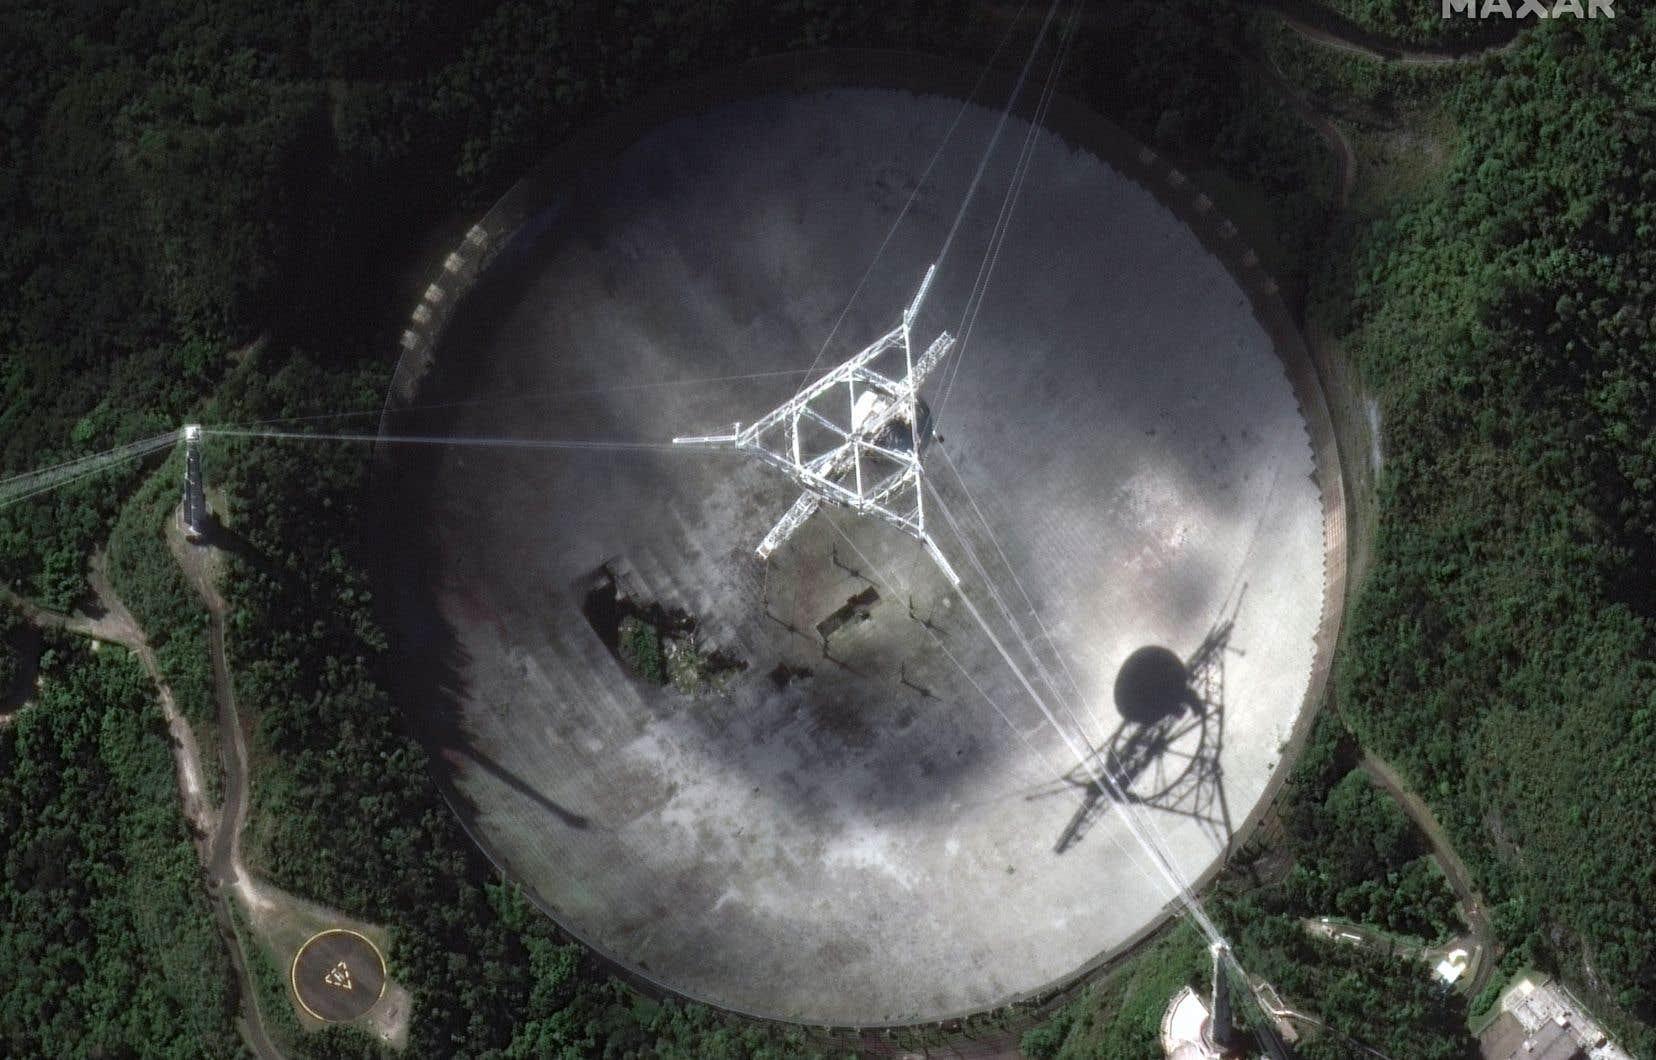 Le célèbre télescope d'Arecibo, à Porto Rico, menace de s'effondrer après la rupture de deux câbles de soutien.